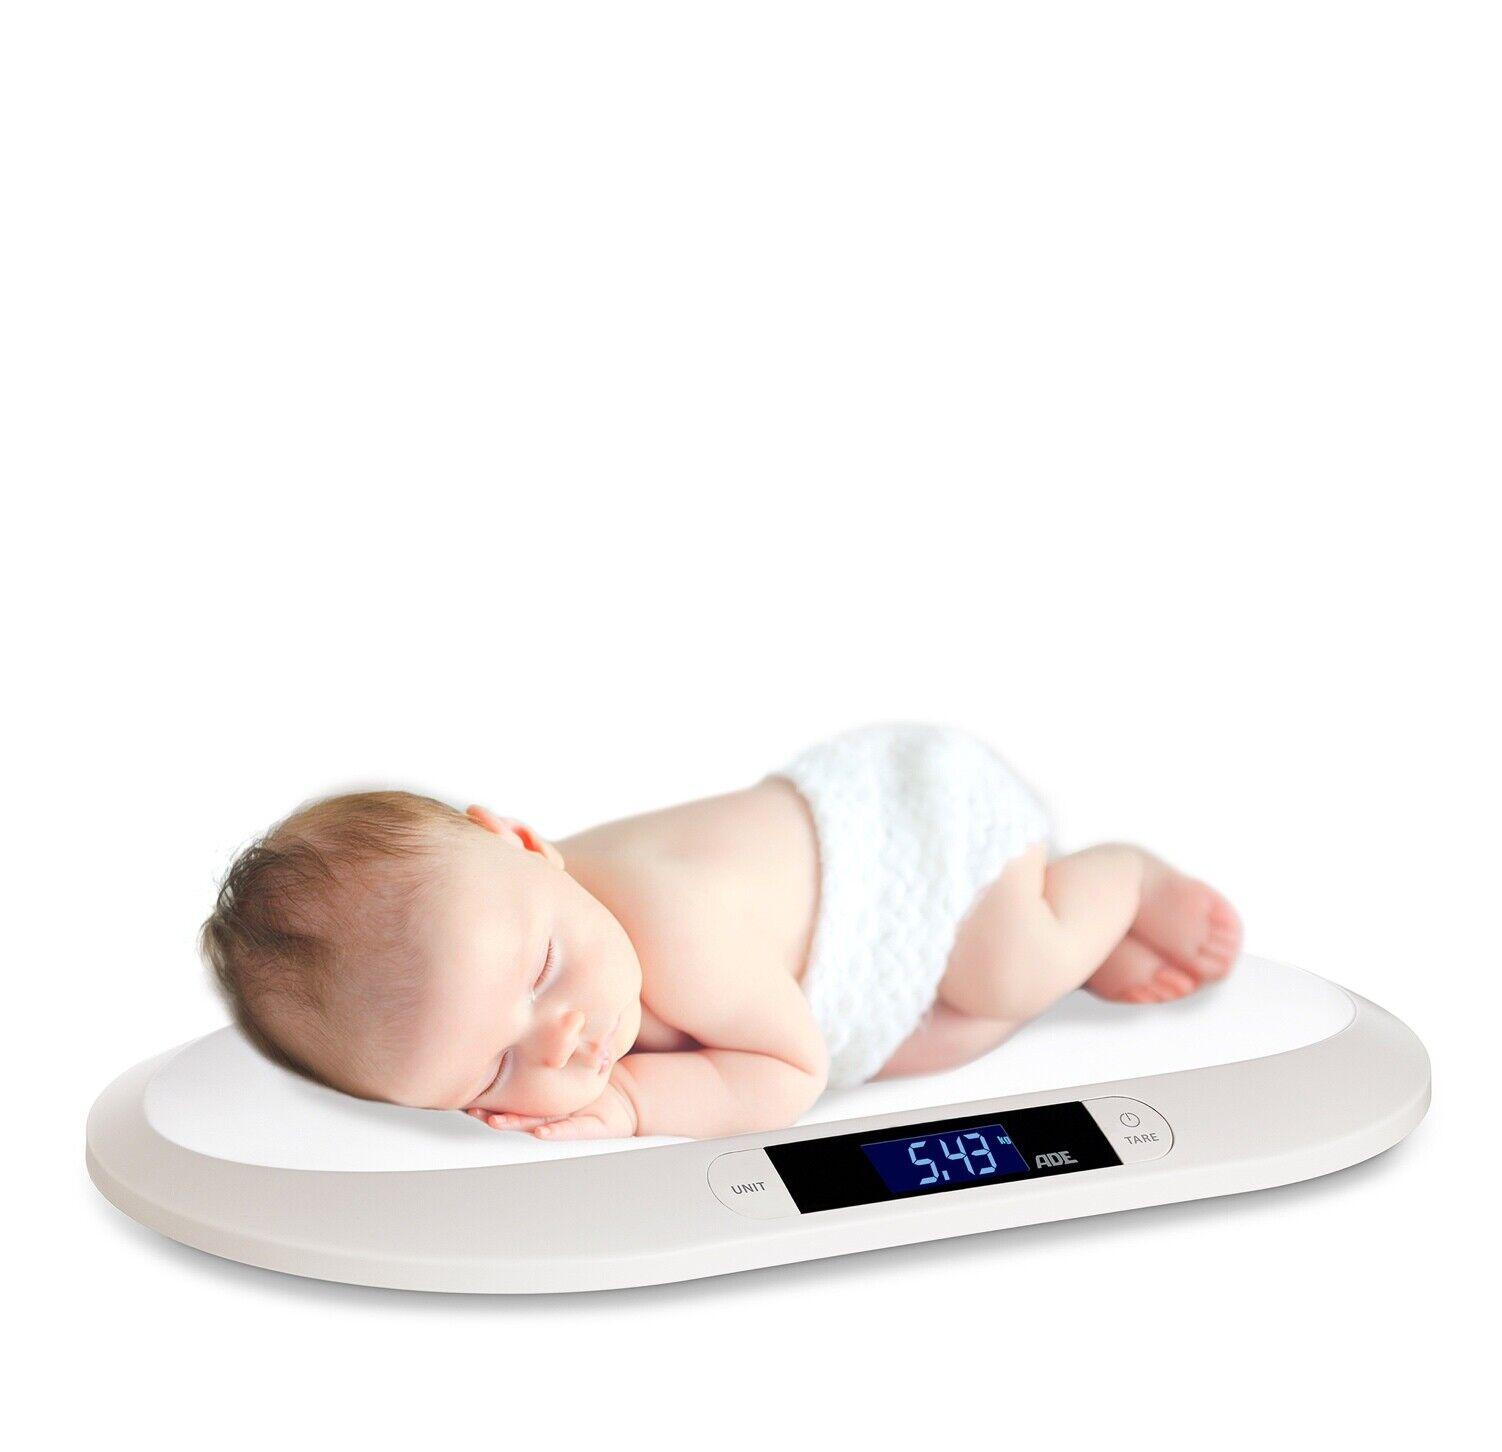 GRUNDIG Babywaage digitale Baby Waage 20 kg Säuglingswaage Stillwaage Tierwaage